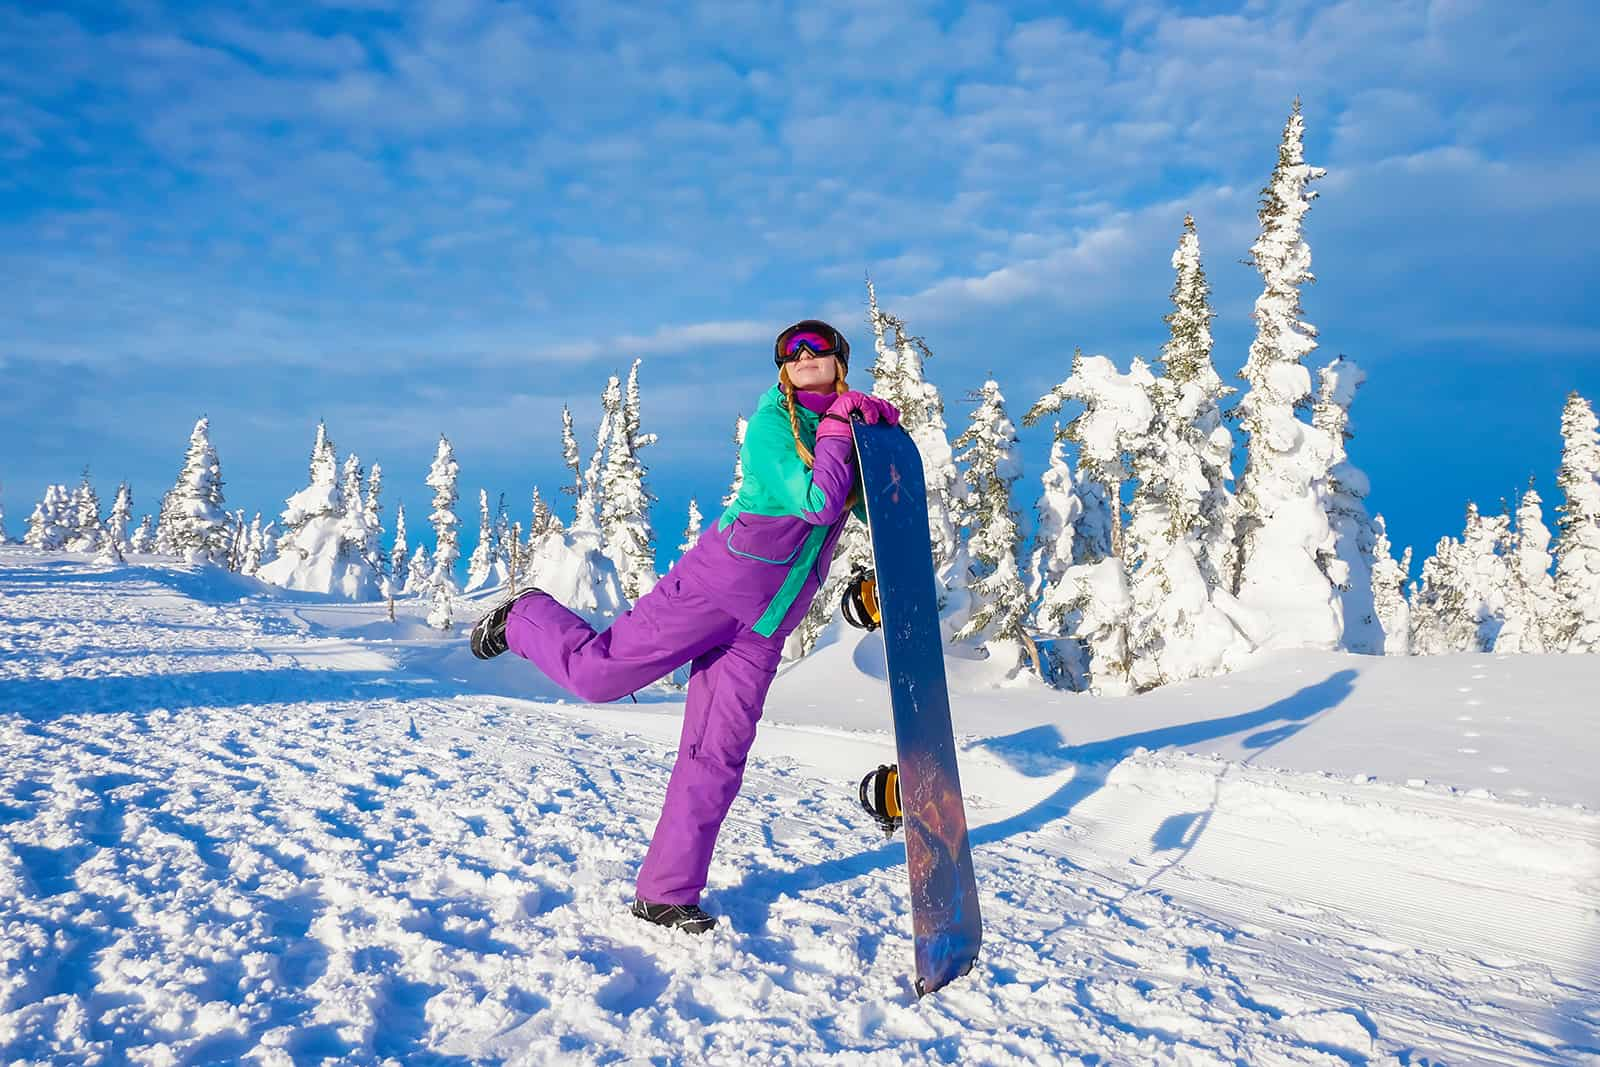 eine Frau, die mit einem Skateboard für Fotografie posiert, während sie auf dem Schnee steht